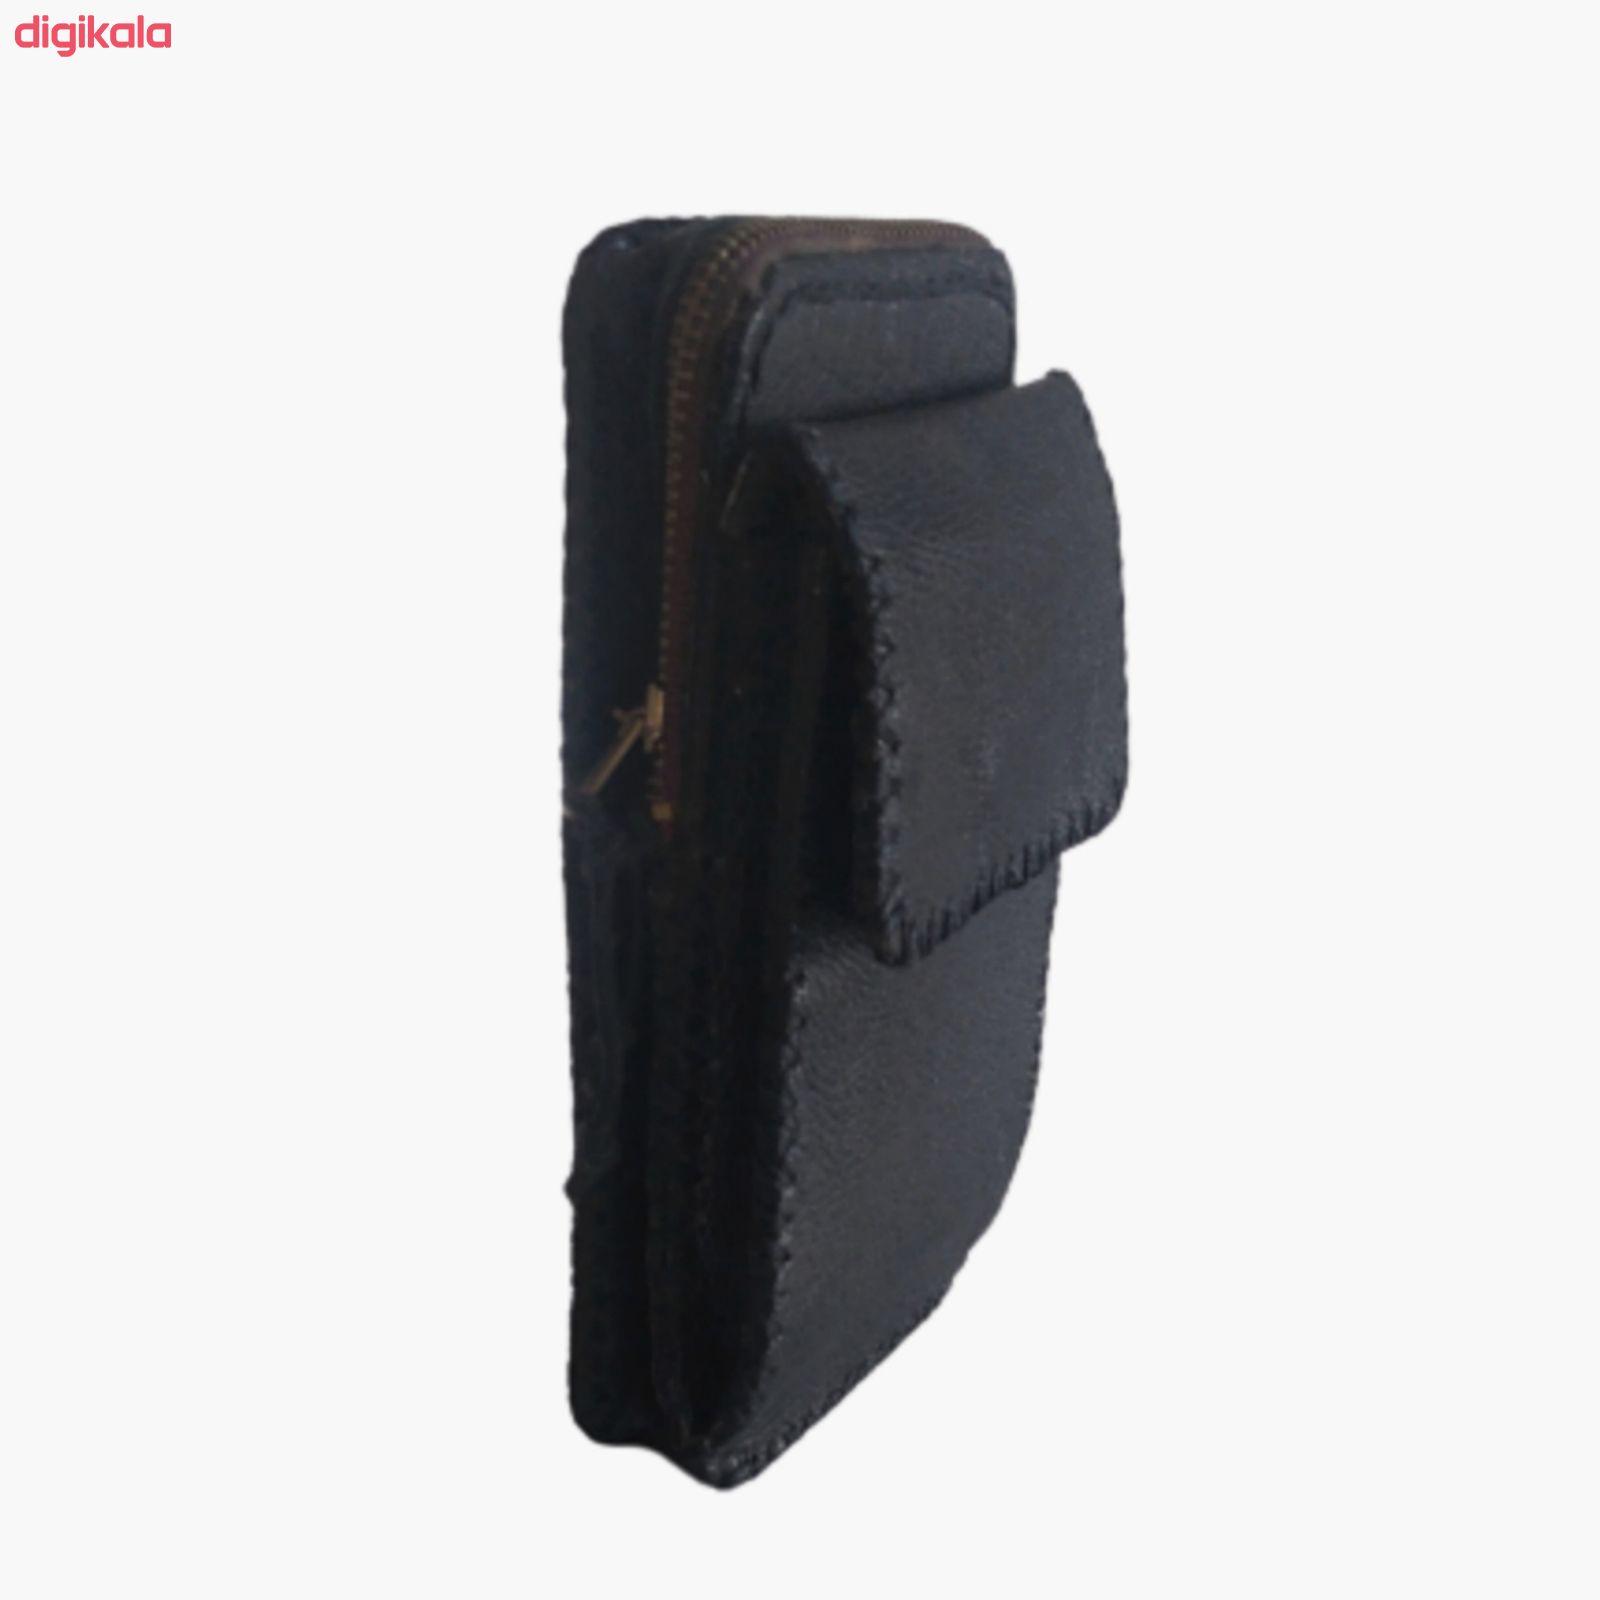 کیف کمری چرمی کد 001